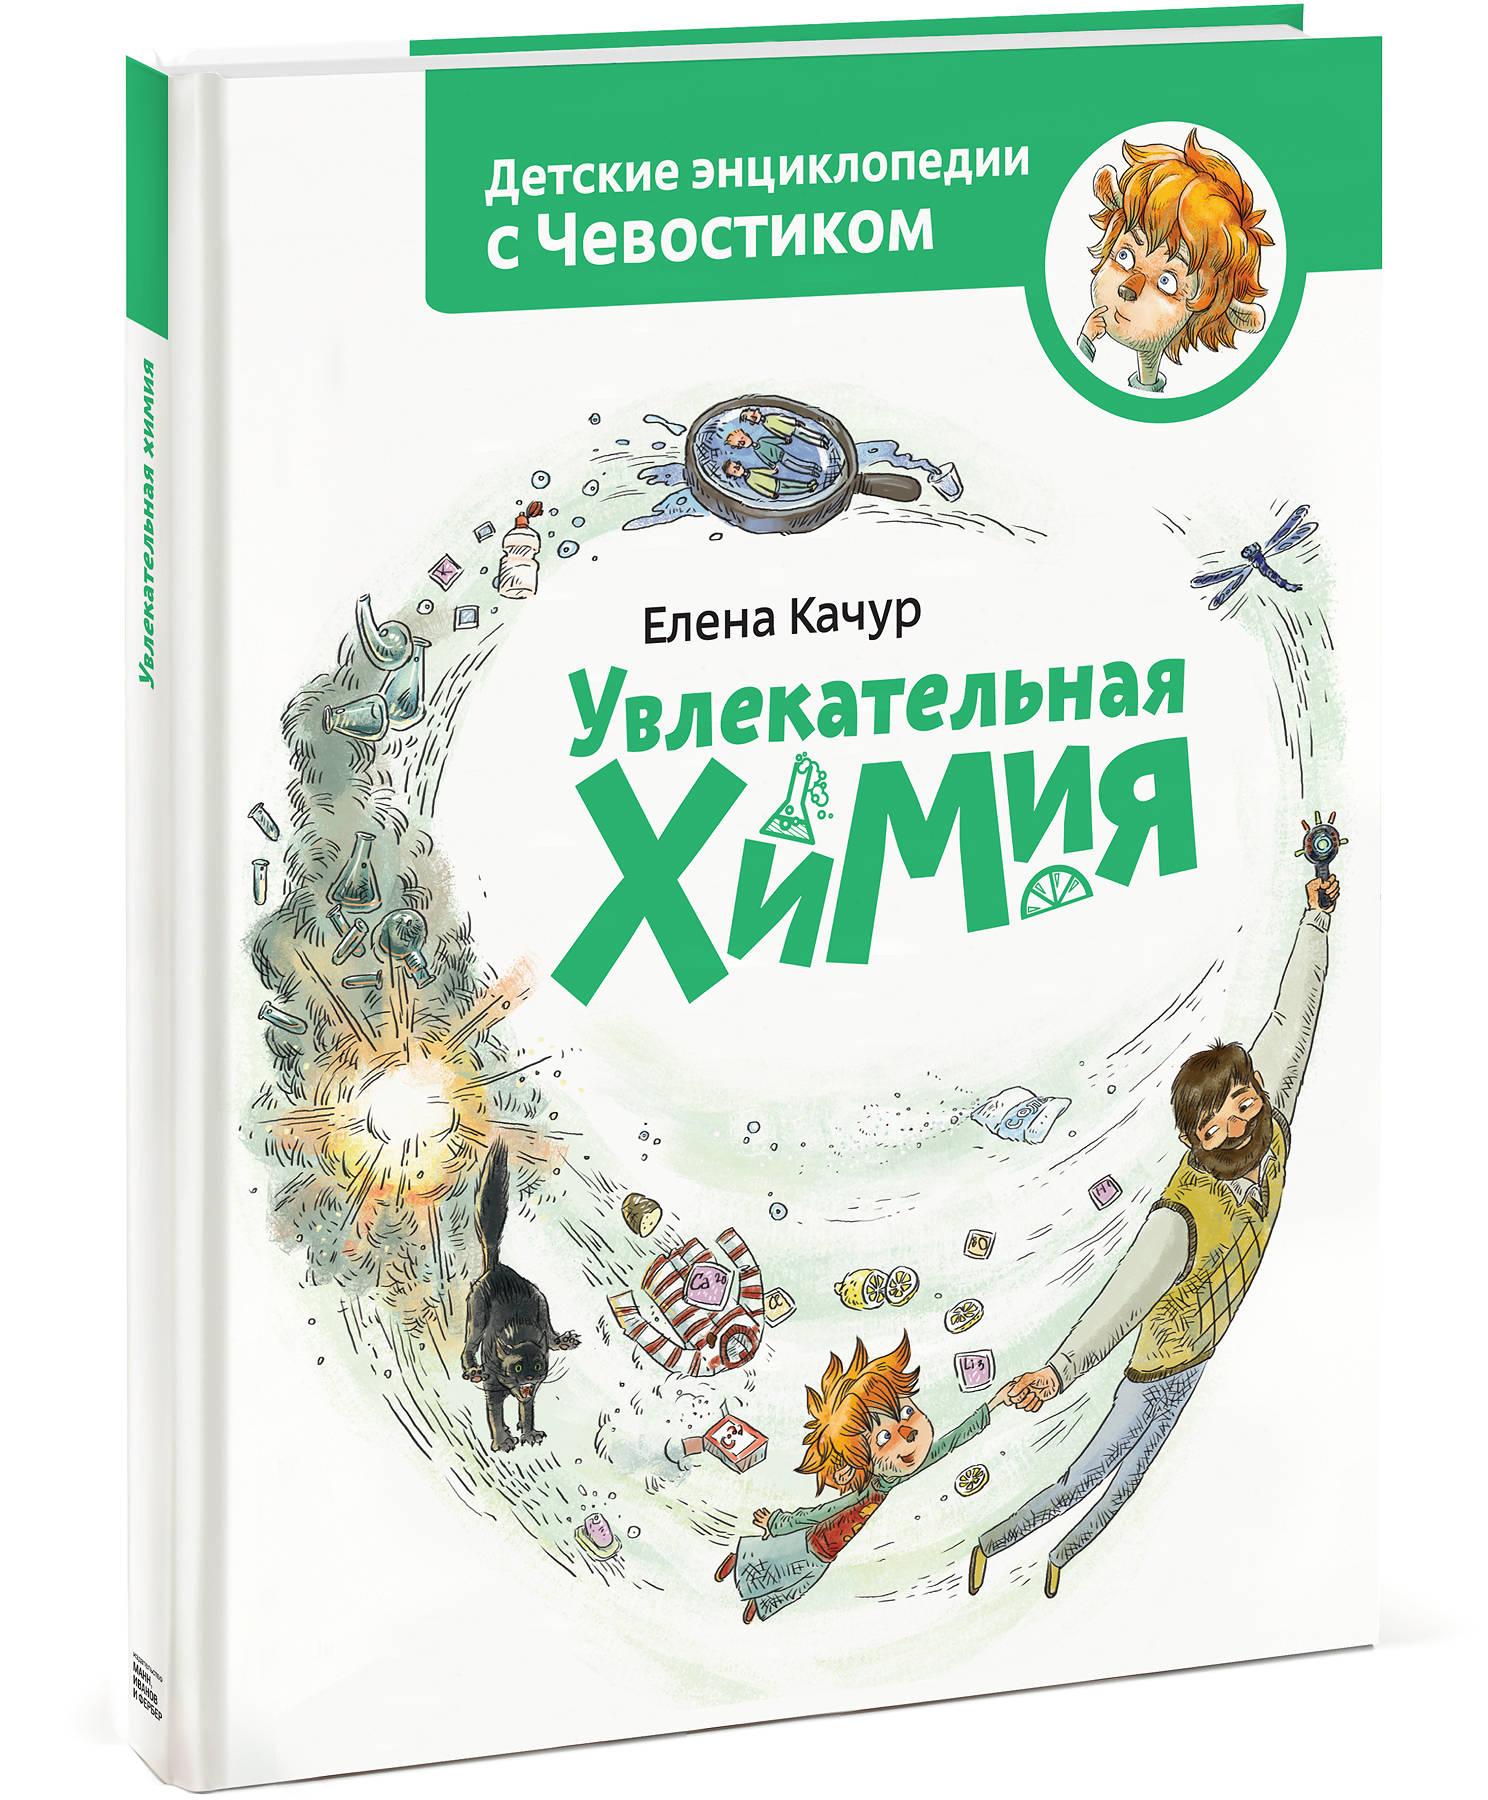 Увлекательная химия. Энциклопедии с Чевостиком